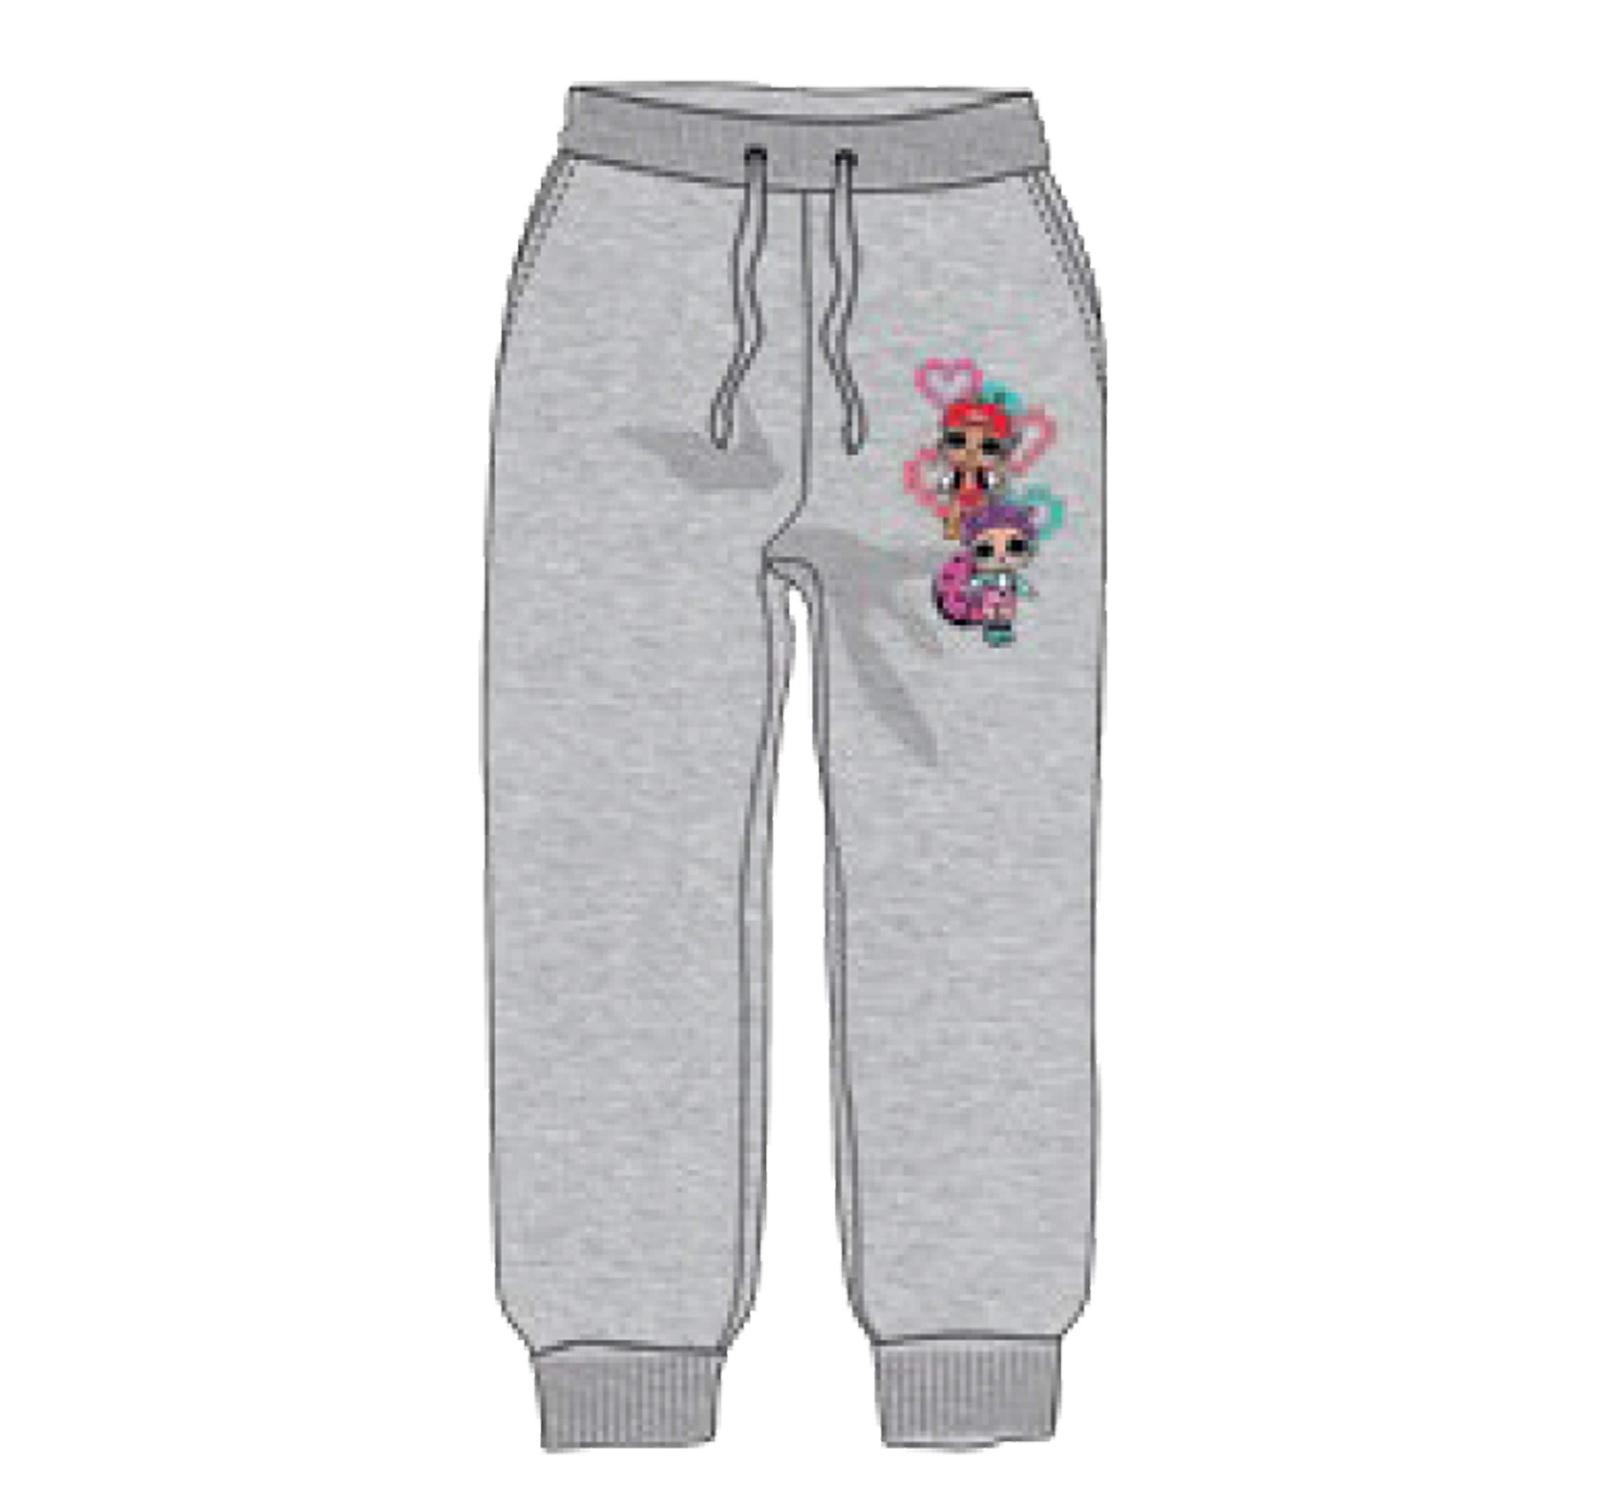 L.O.L. Surprise® Pantaloni gri 1922842